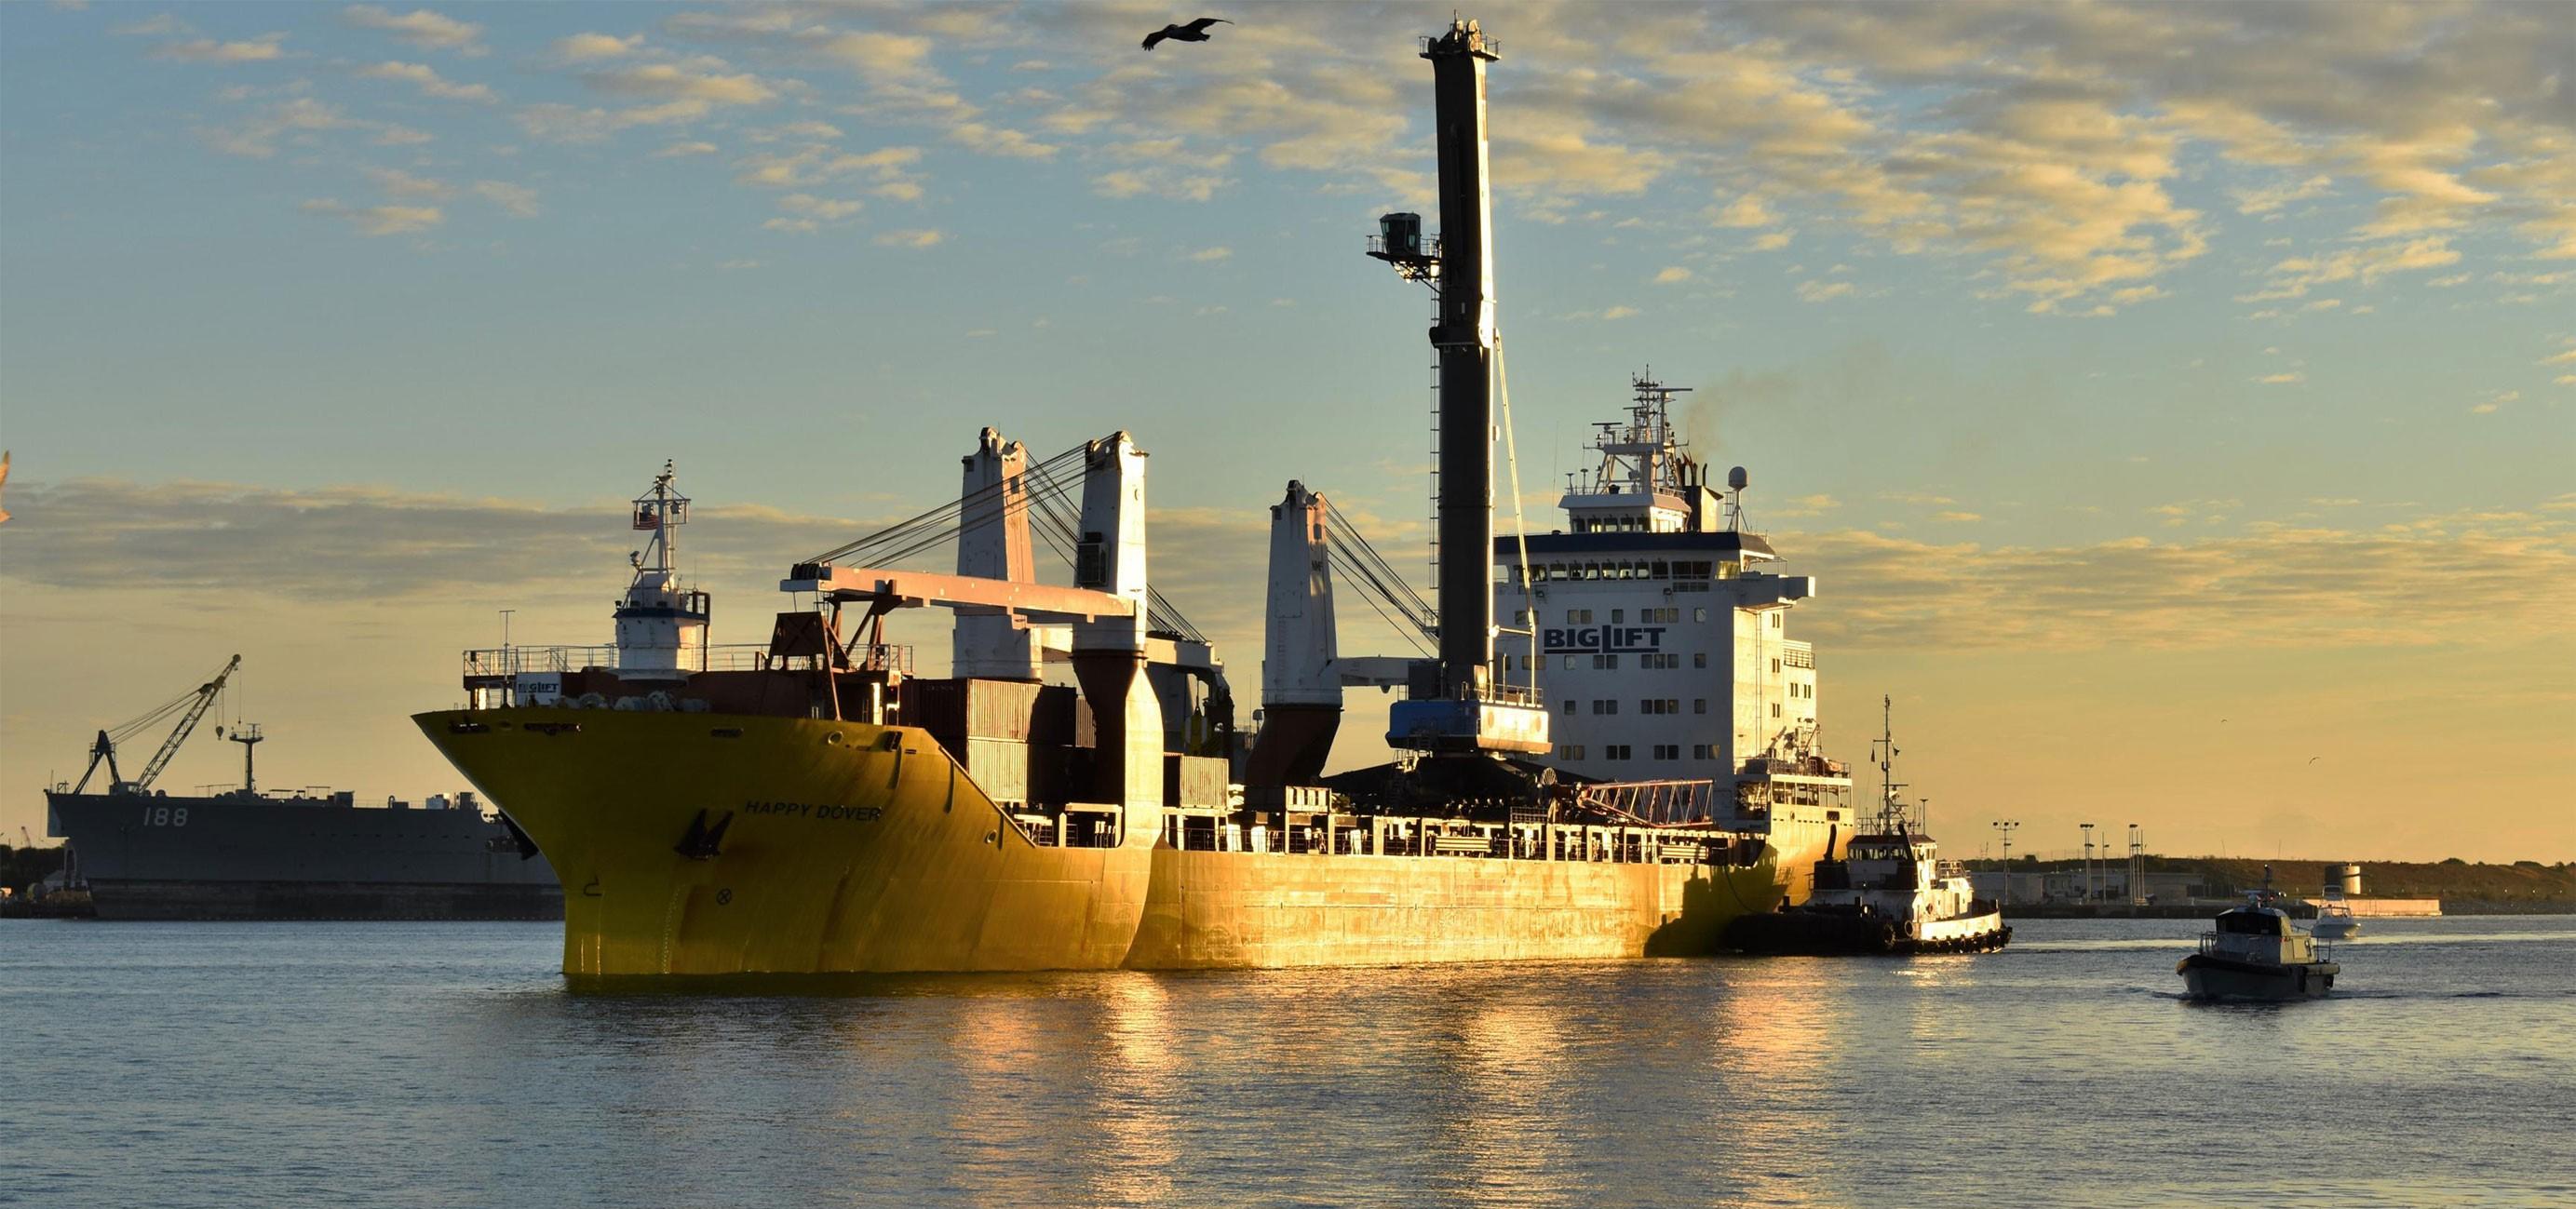 Liebherr LHM 600 crane Port Canaveral 011819 (Port Canaveral) 1 crop(c) 3